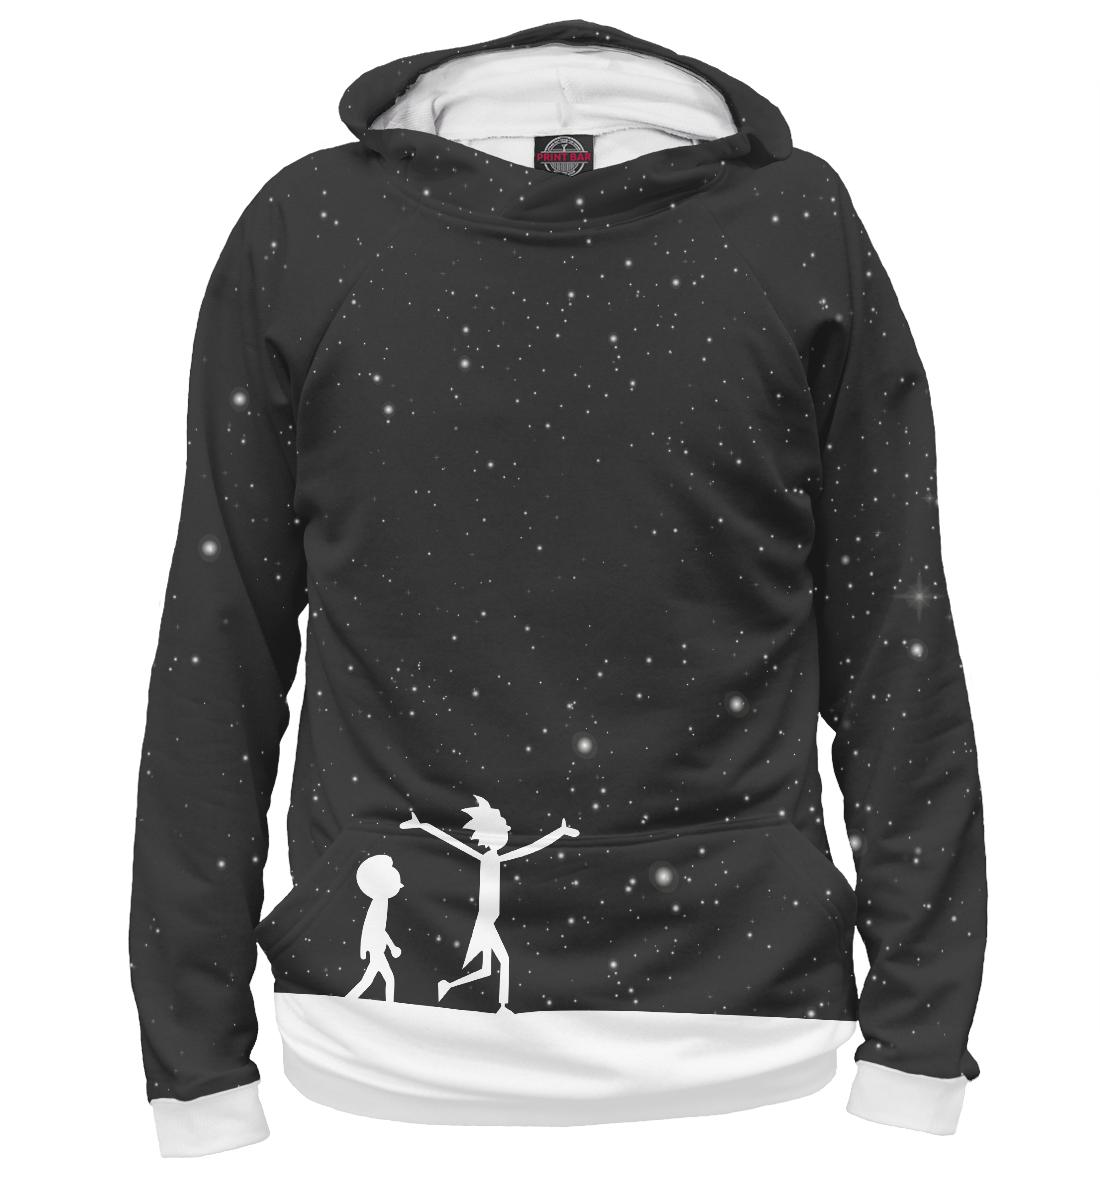 Купить Рик и Морти Под Звездным Небом, Printbar, Худи, RNM-922134-hud-1